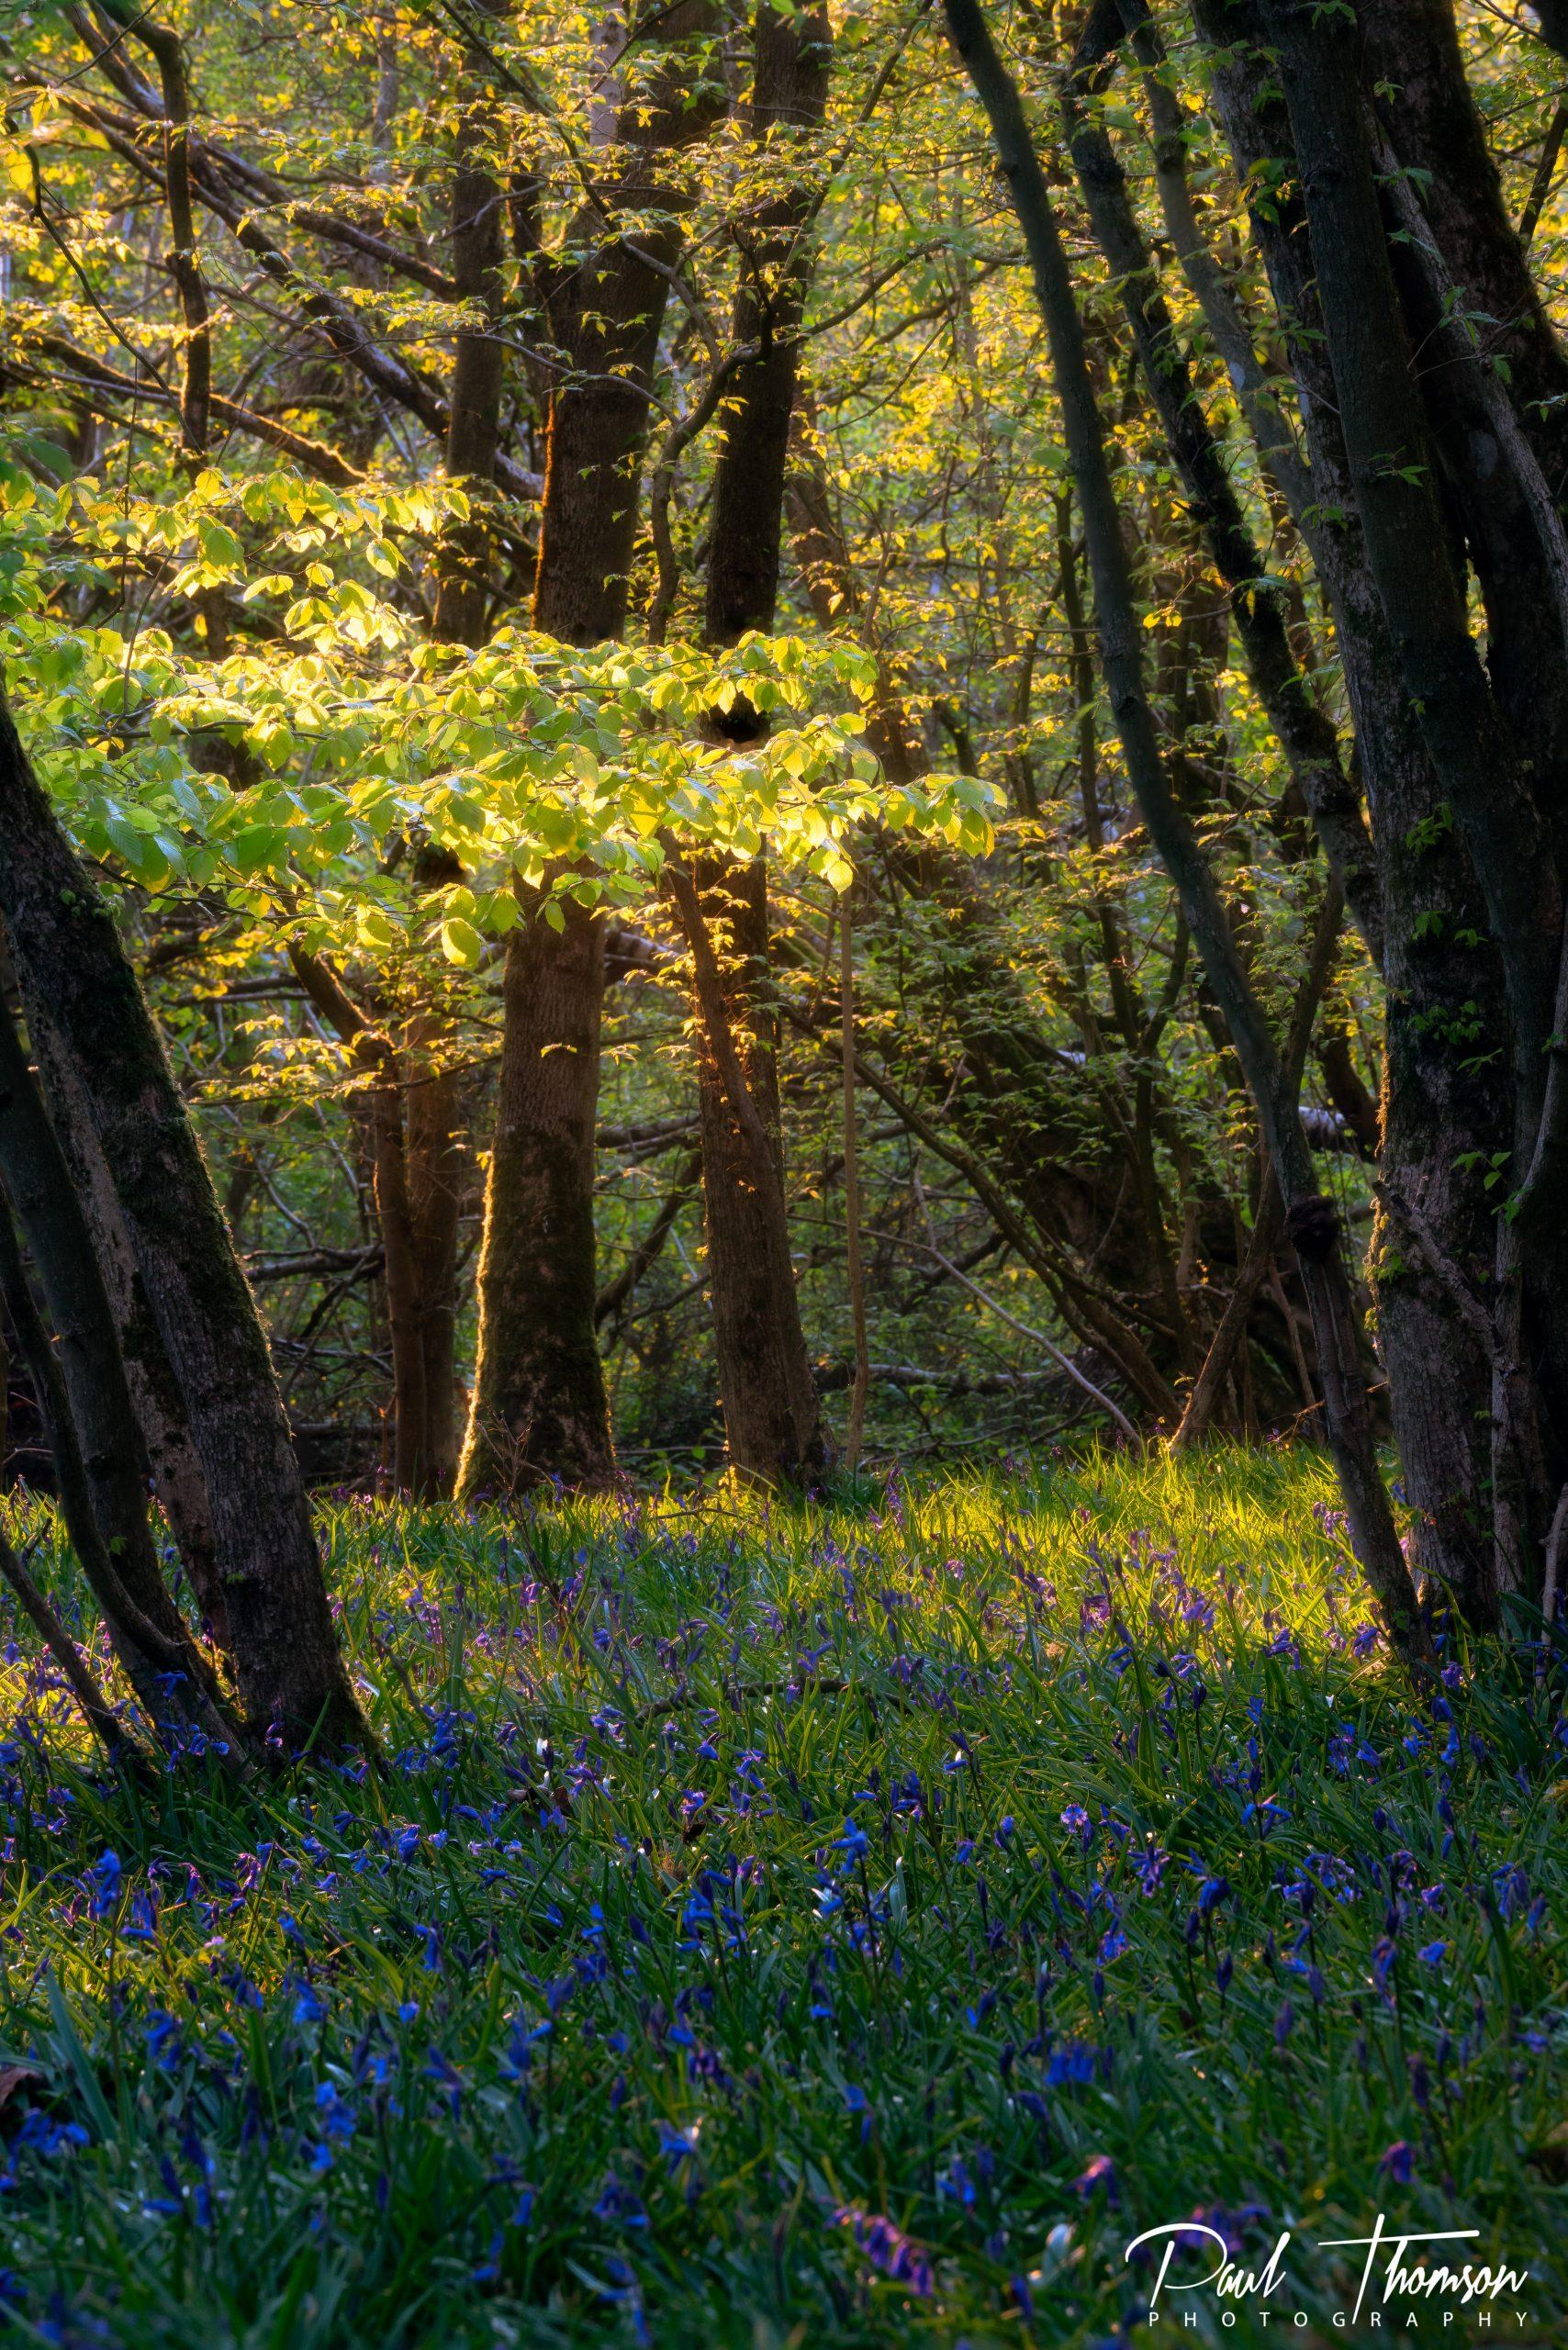 Woodlands photography Workshops